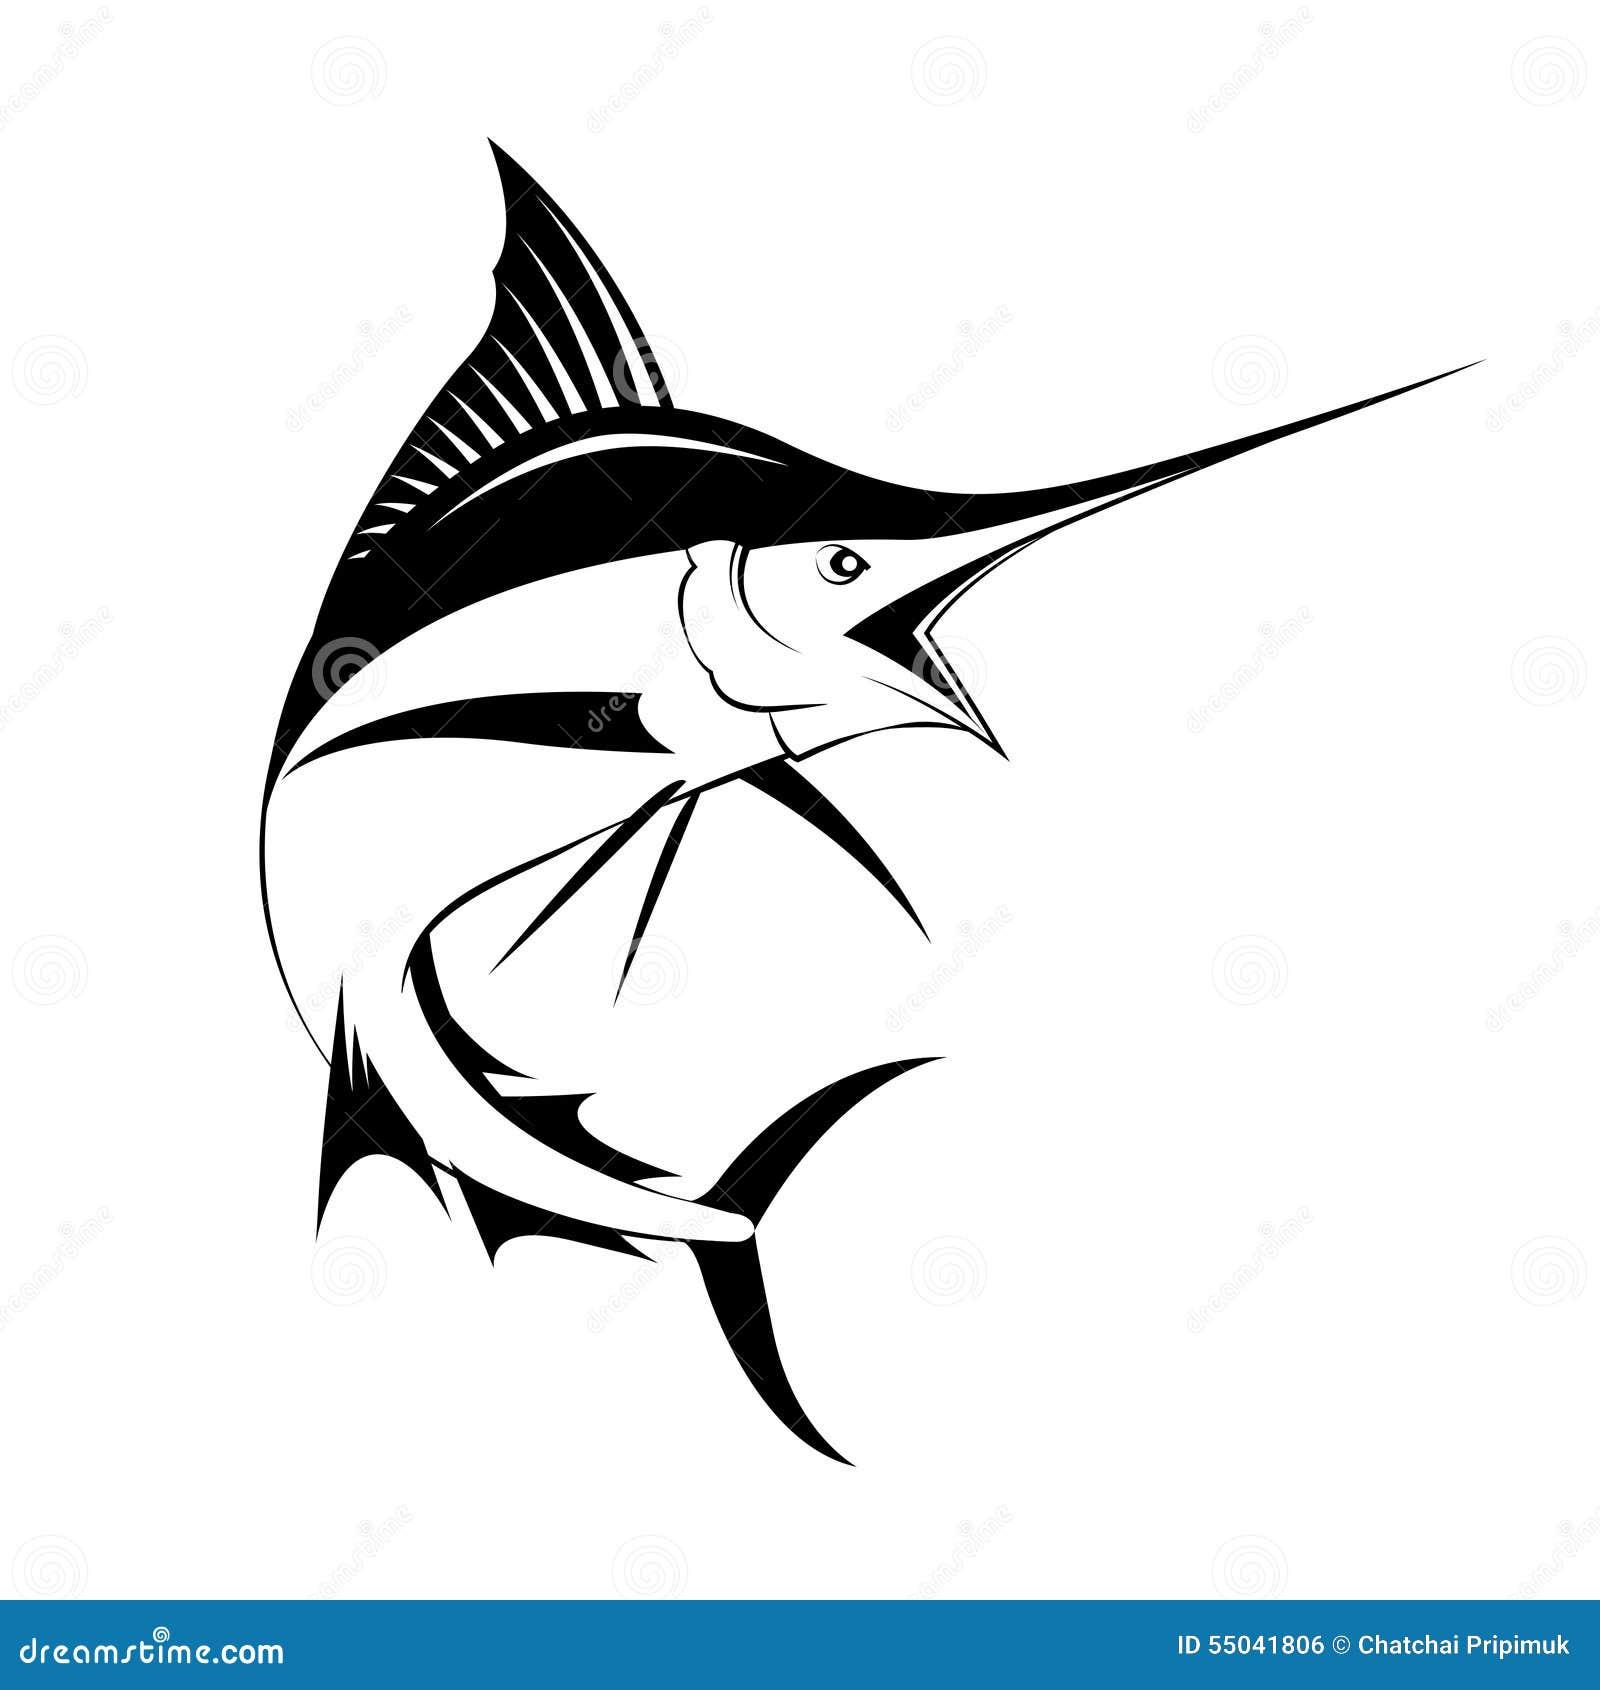 marlin fish  vector stock vector image 55041806 Animated Sailfish sailfish clipart black and white